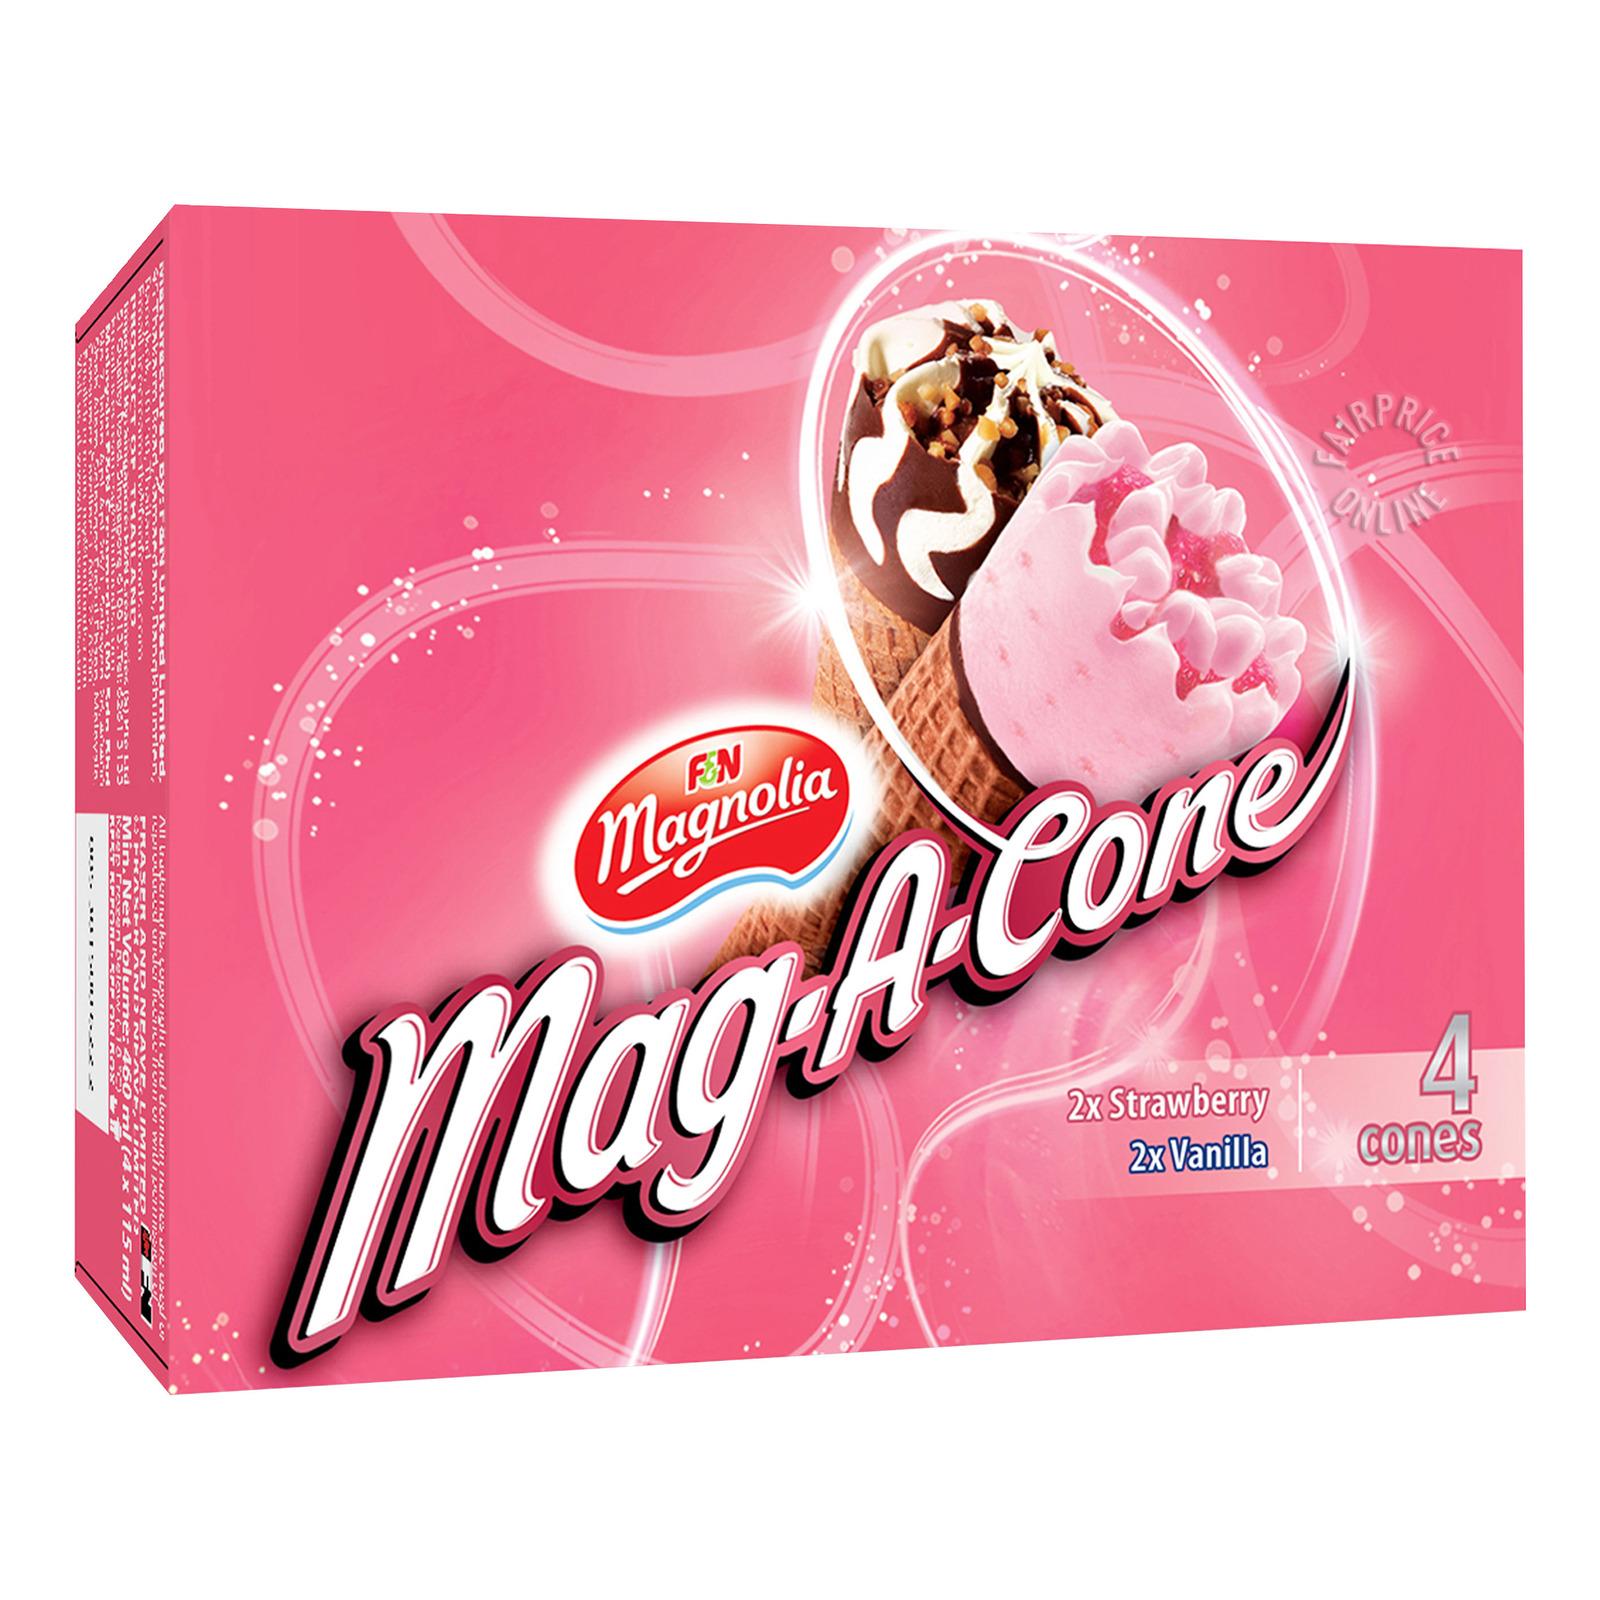 F&N Magnolia Mag-A-Cone Ice Cream - Strawberry & Vanilla